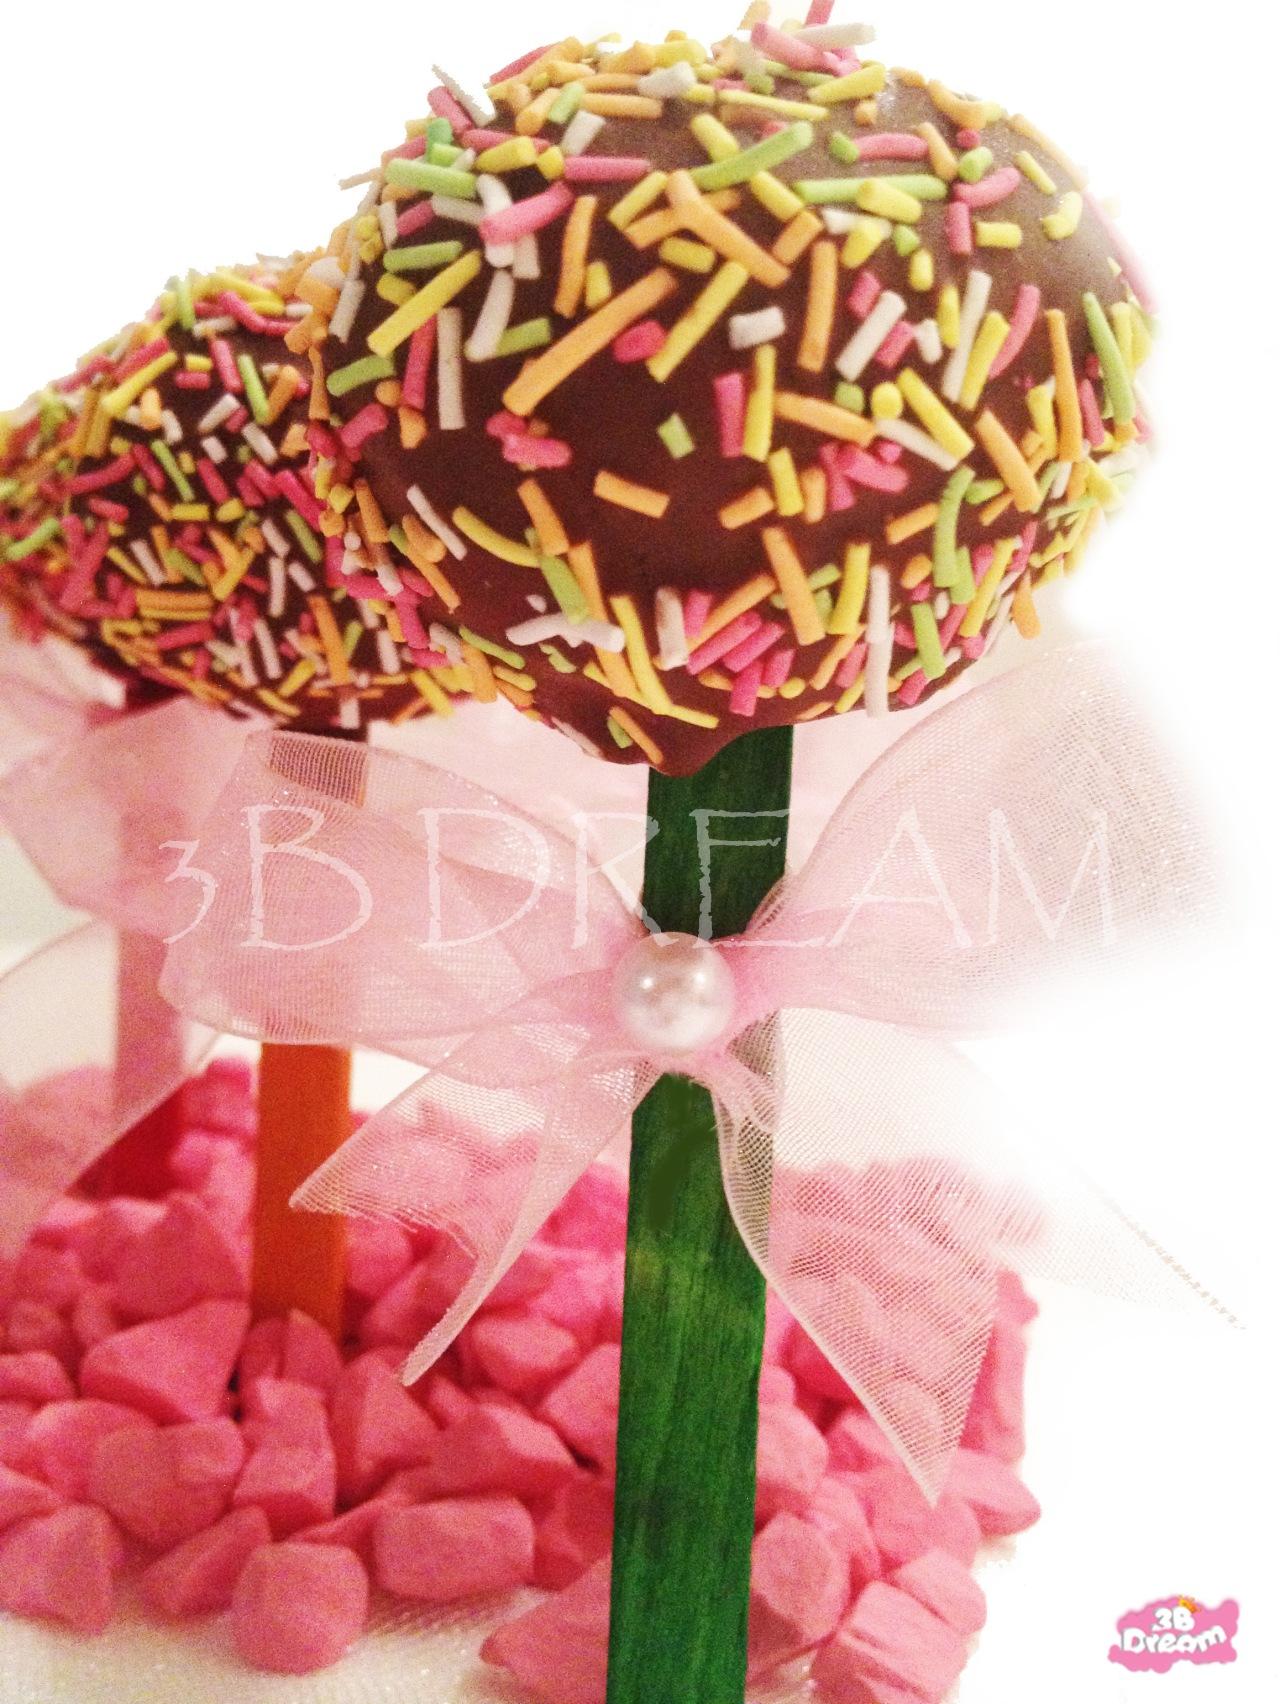 CAKE_Pop_1jpg